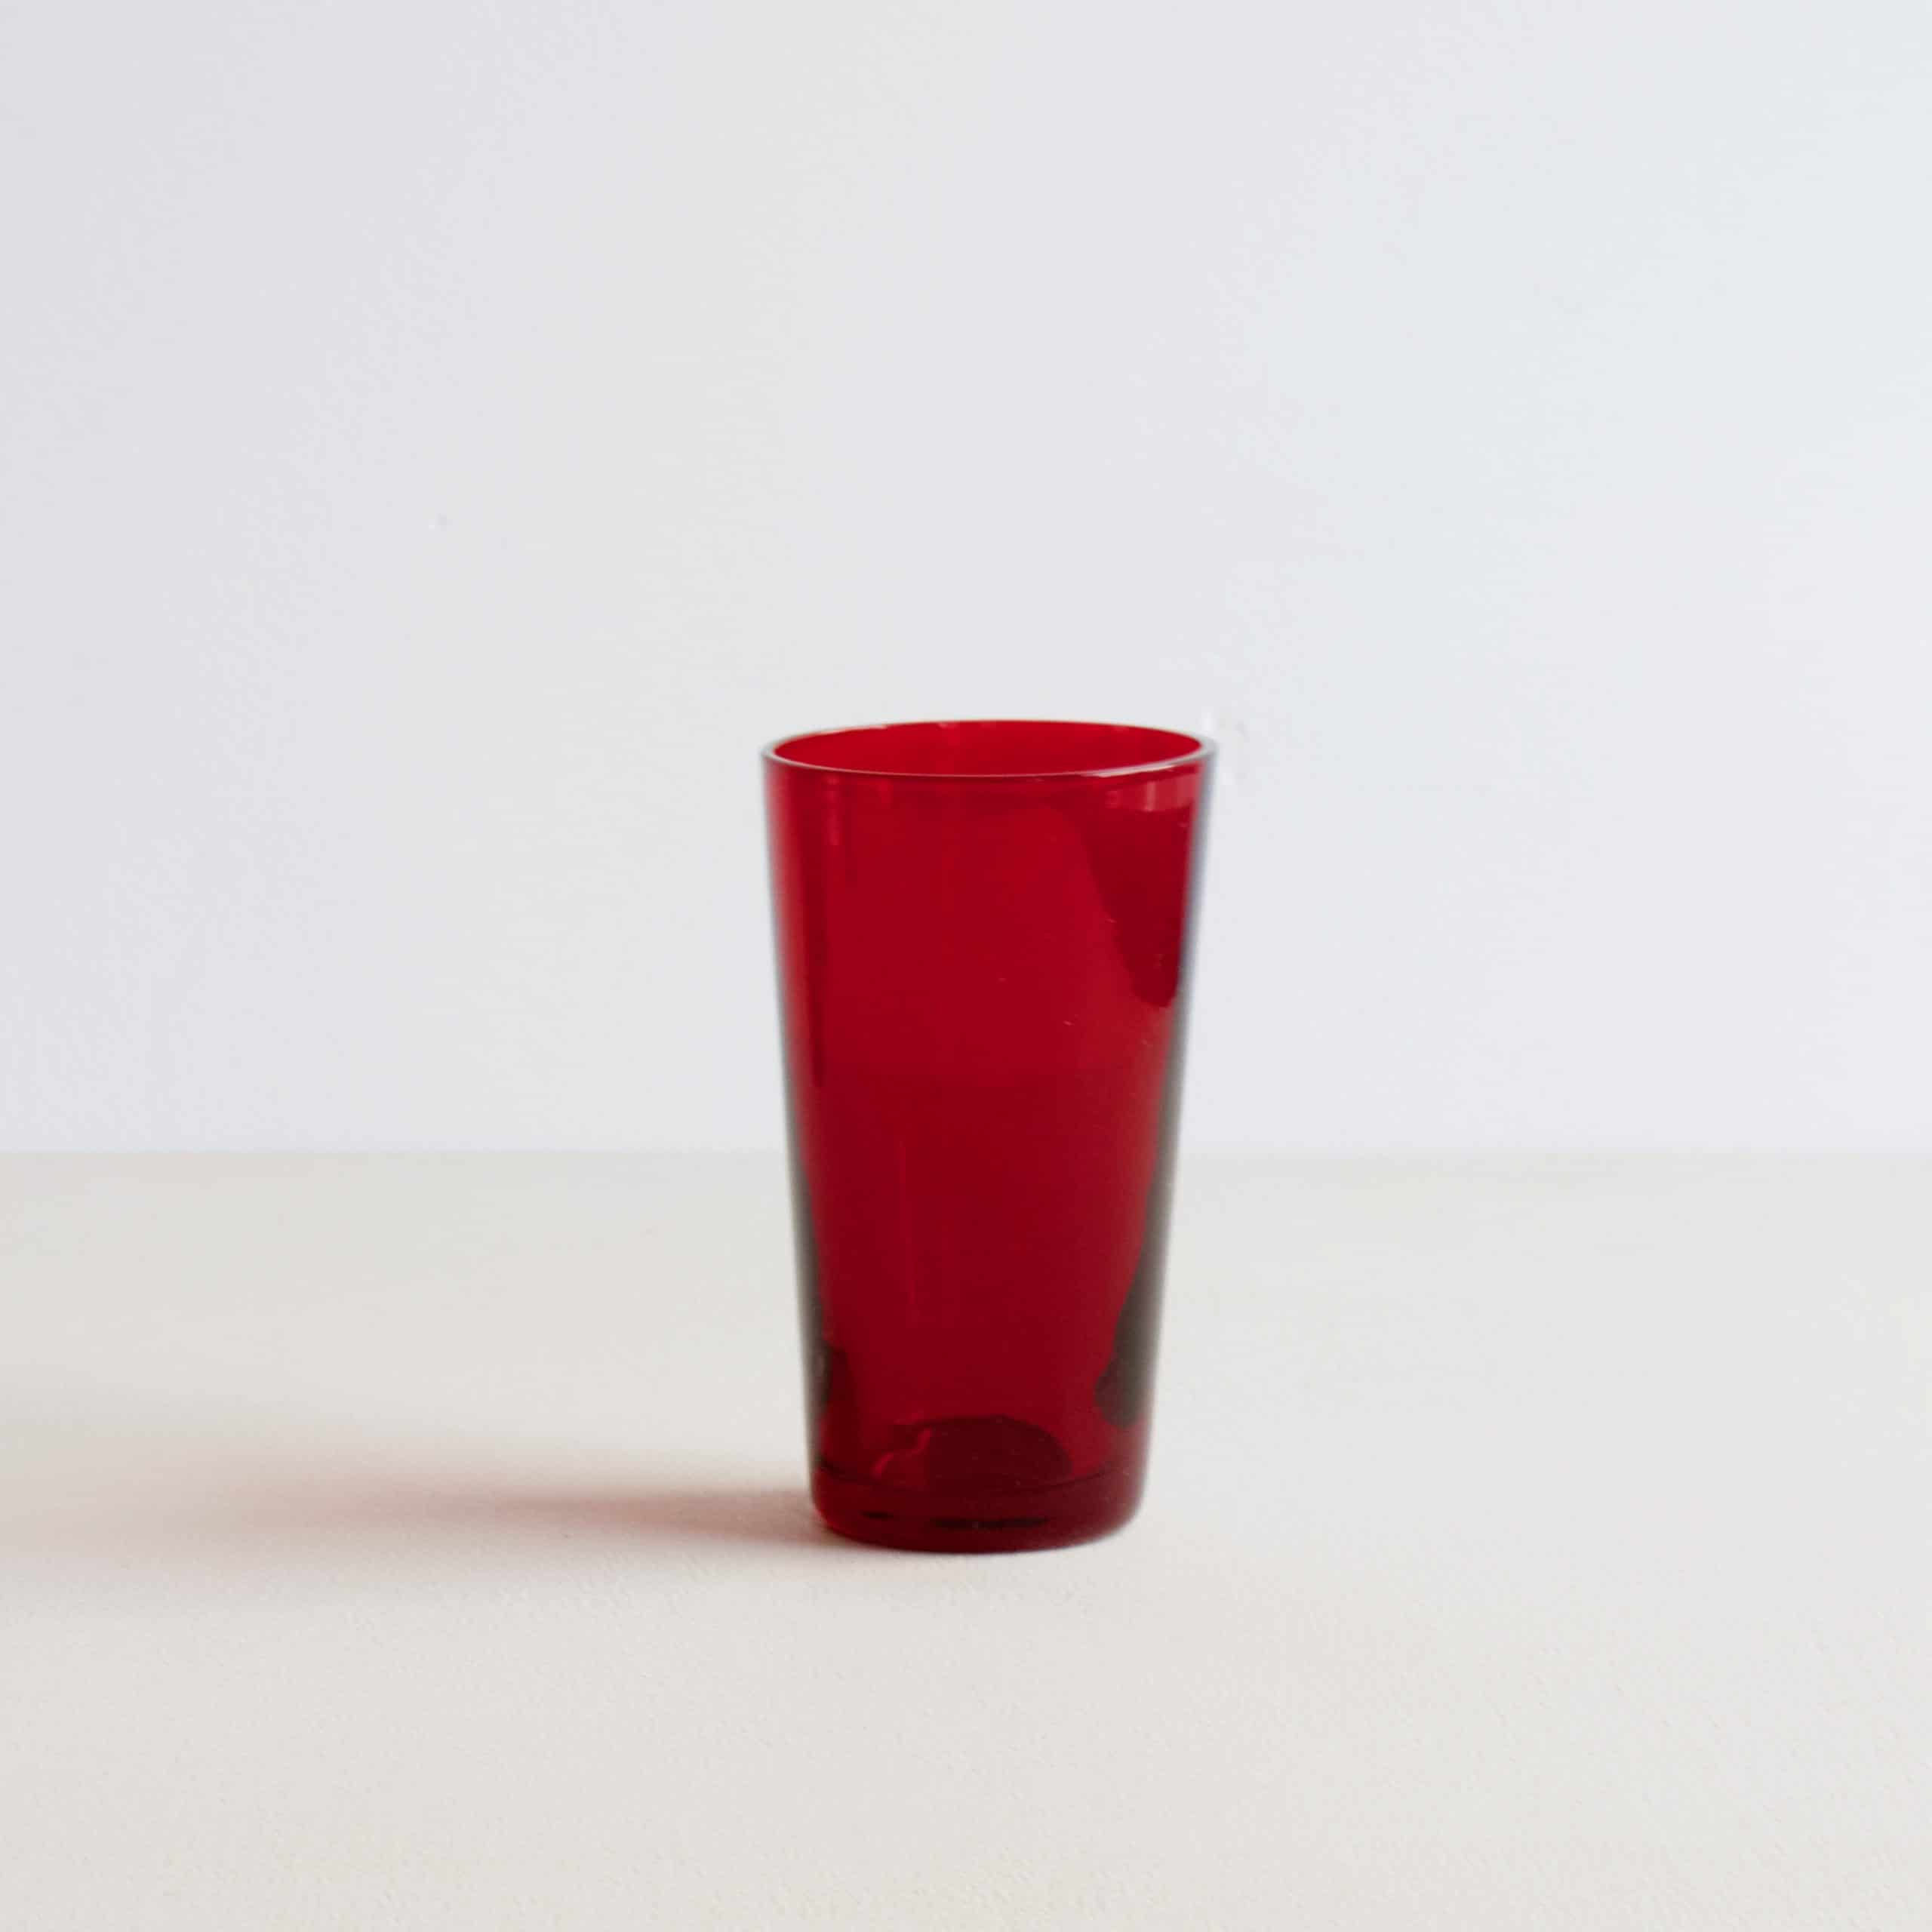 klein rood vintage glas